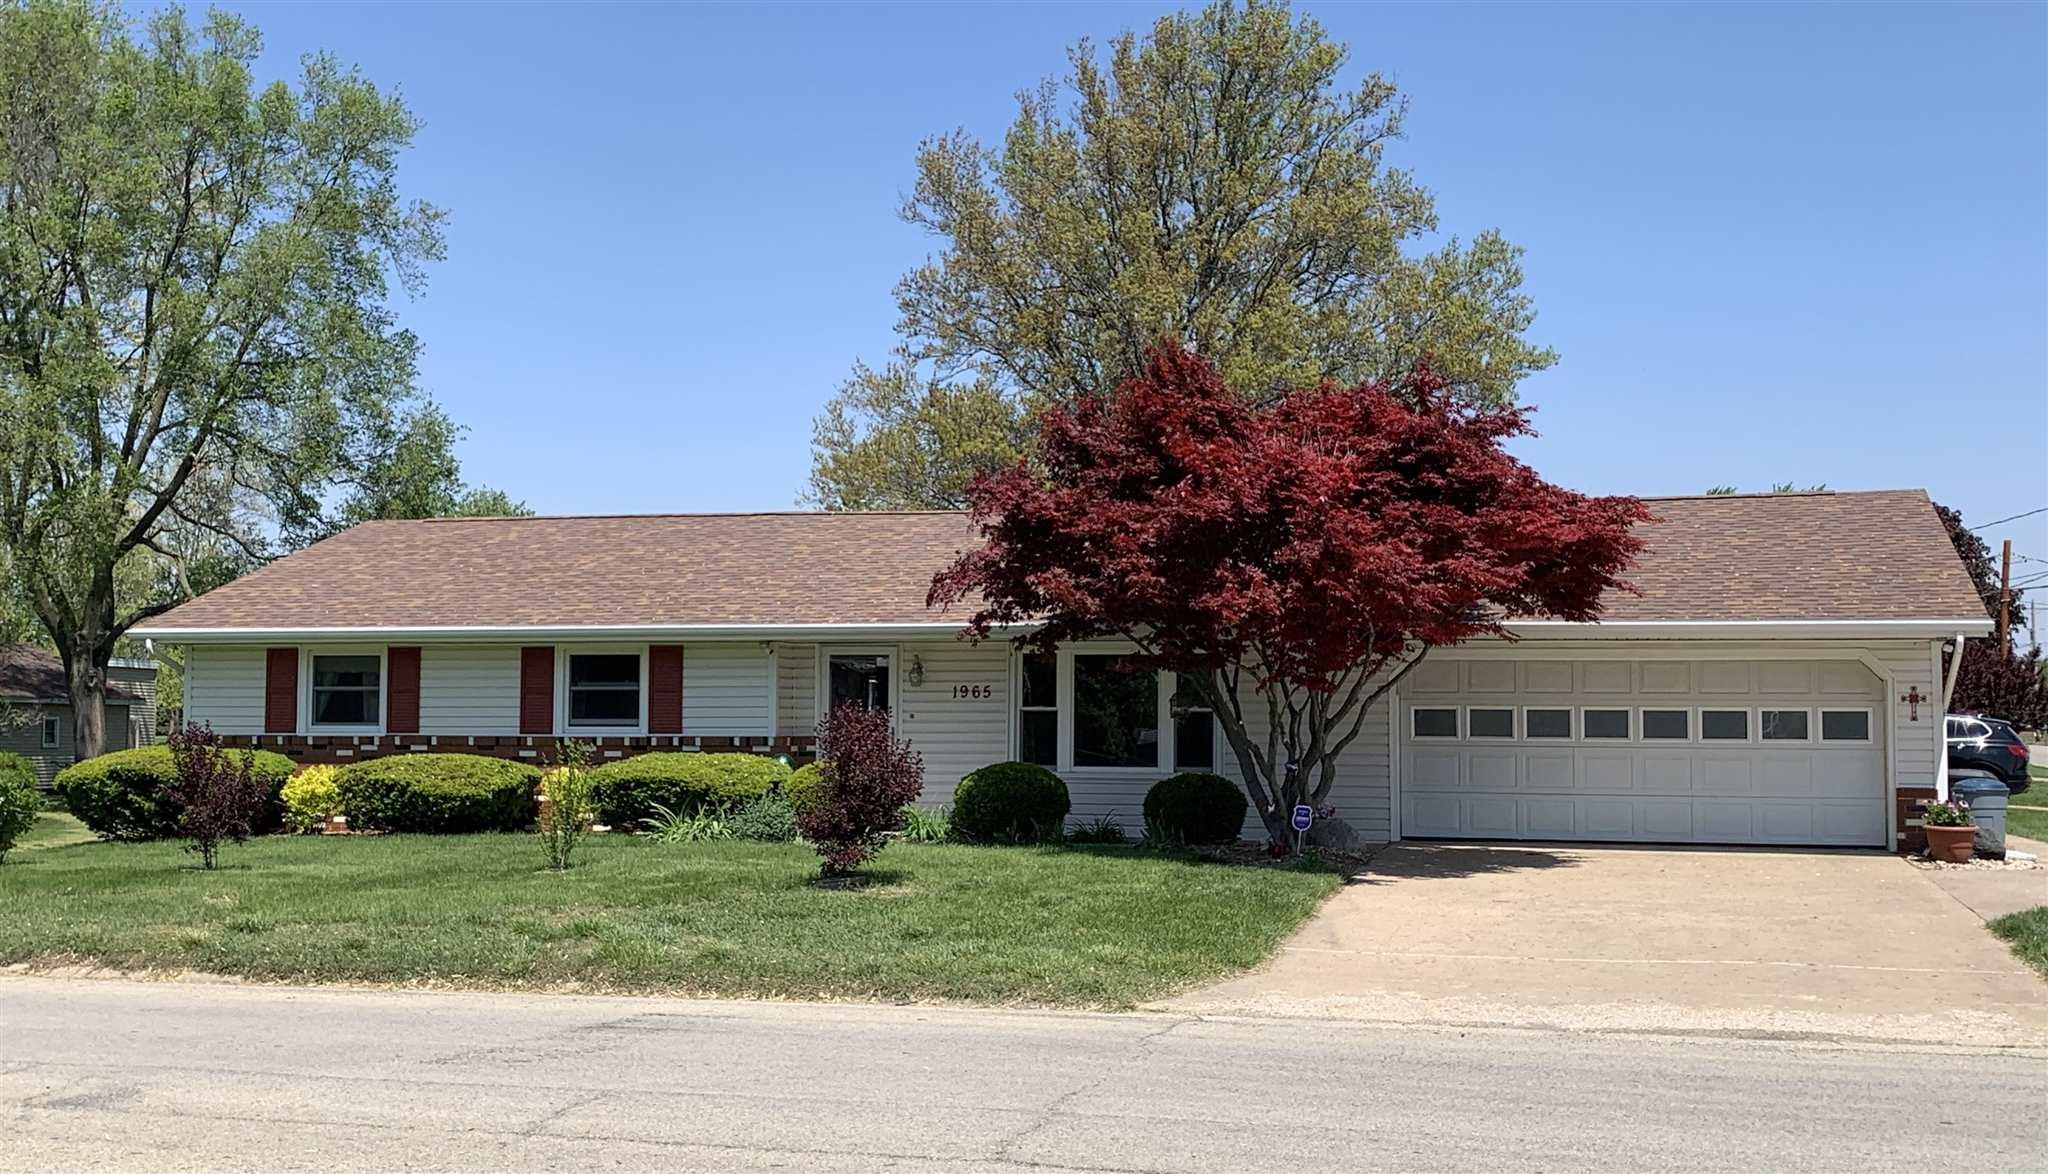 1965 E CHESTNUT Property Photo - Canton, IL real estate listing